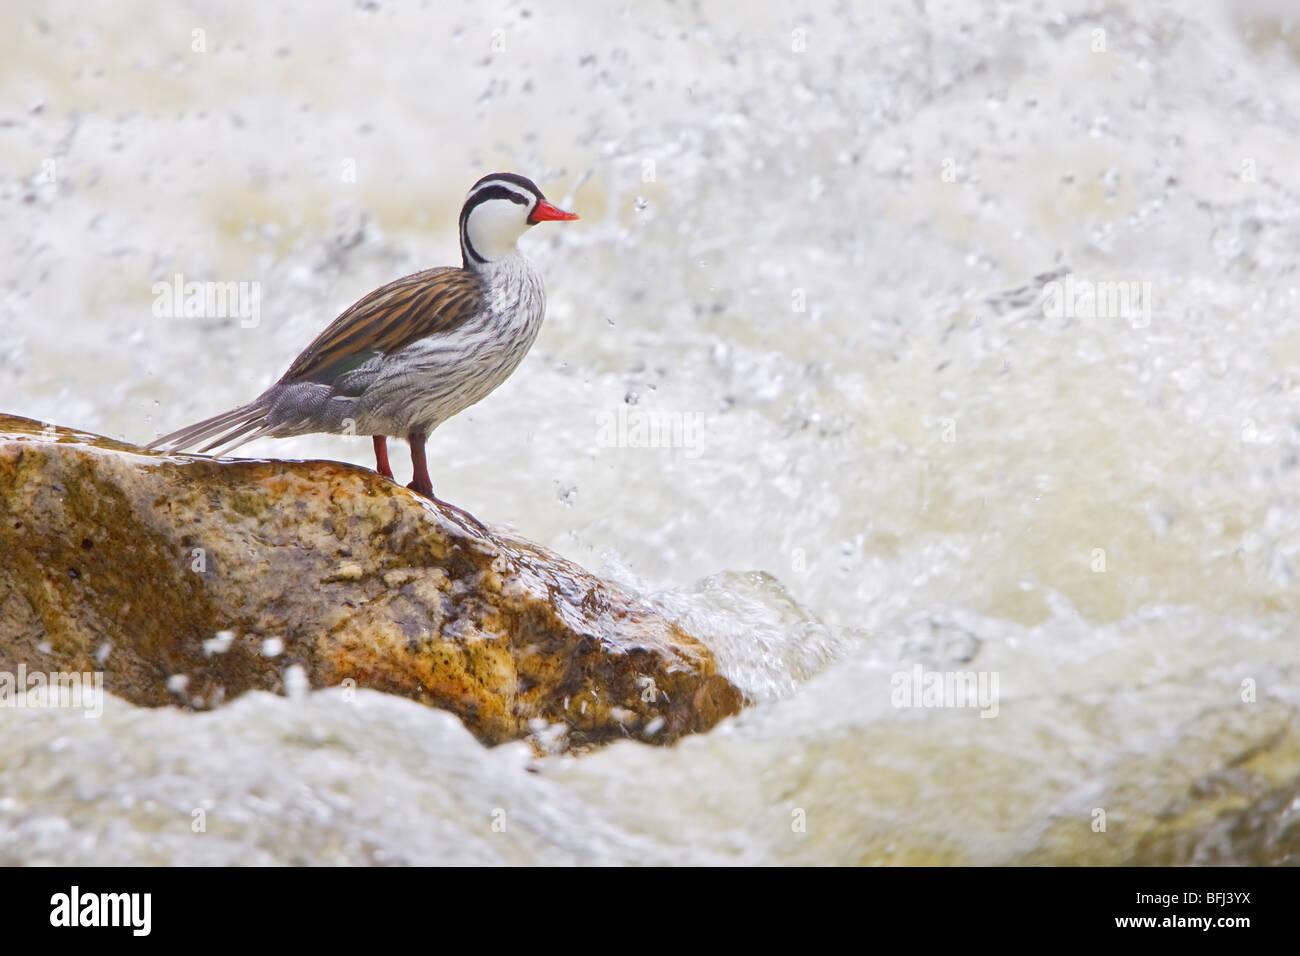 Pato de los torrentes (Merganetta armata) posado sobre una roca junto a un rápido riachuelo en el altiplano Imagen De Stock